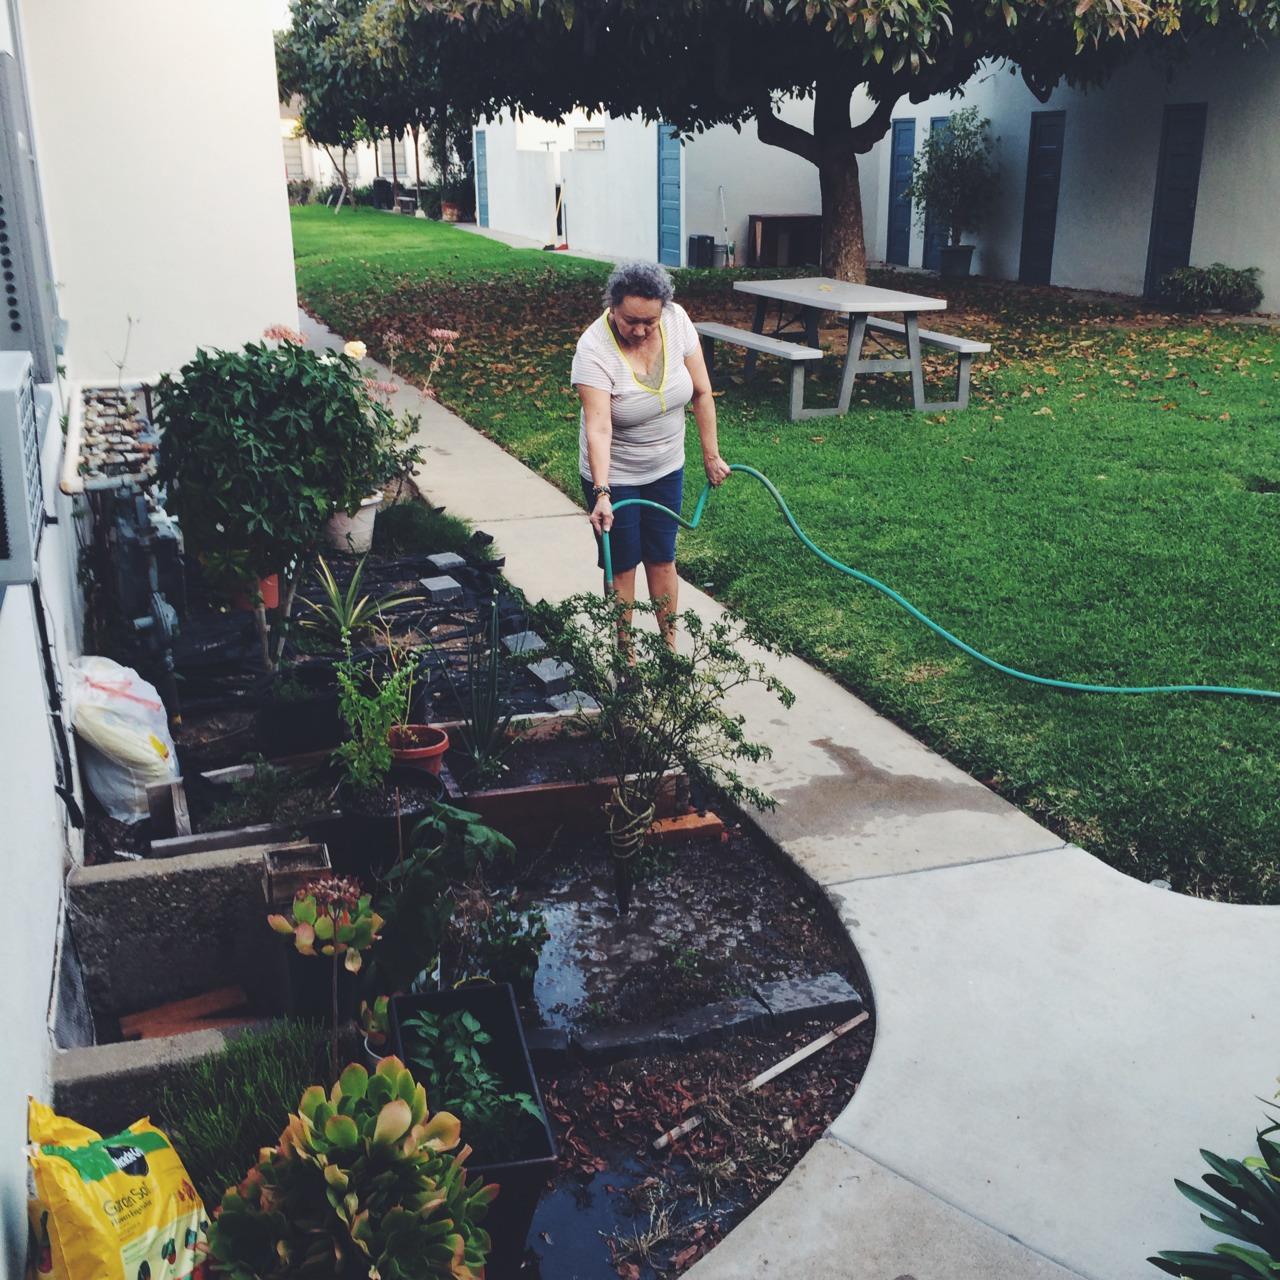 Garden time!